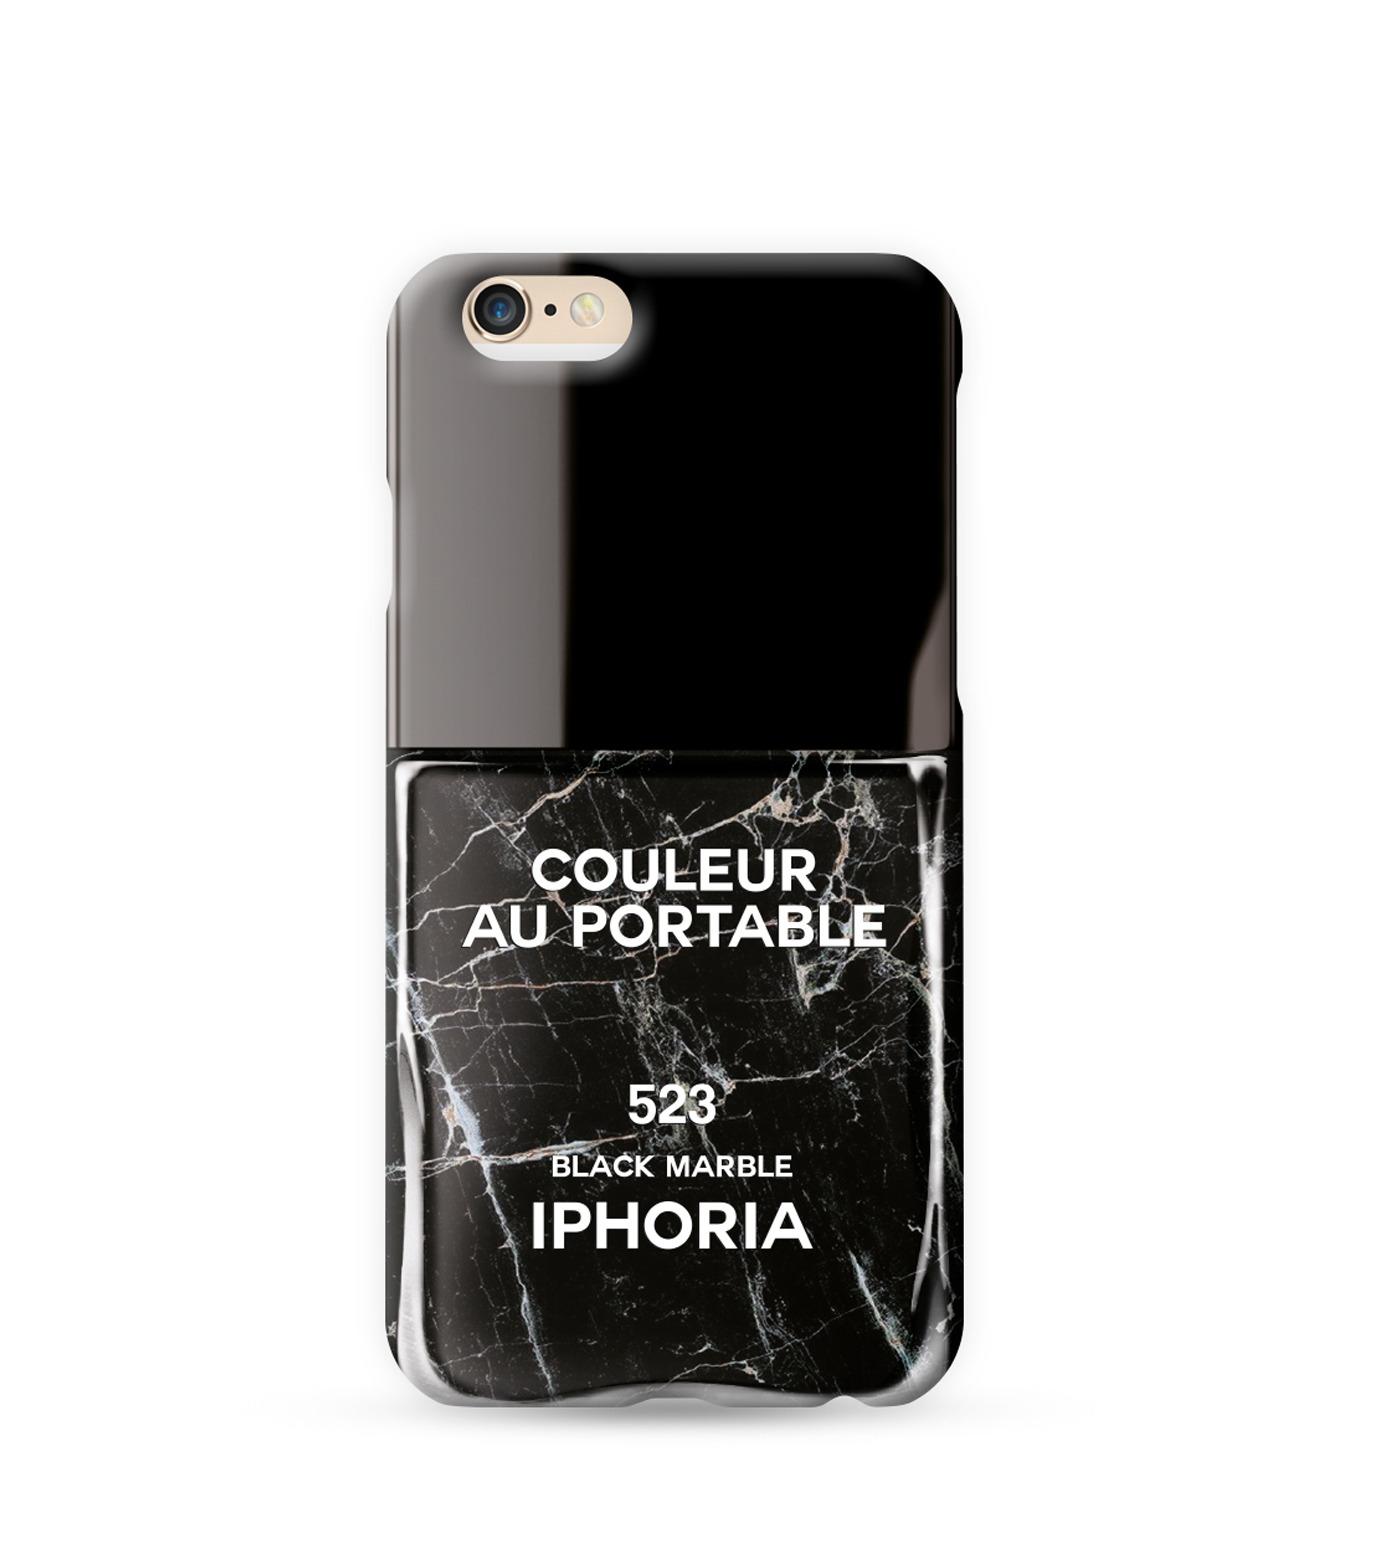 IPHORIA(アイフォリア)のBLACK MARBLE 6/6s-BLACK(ケースiphone6/6s/case iphone6/6s)-81037-13 拡大詳細画像1